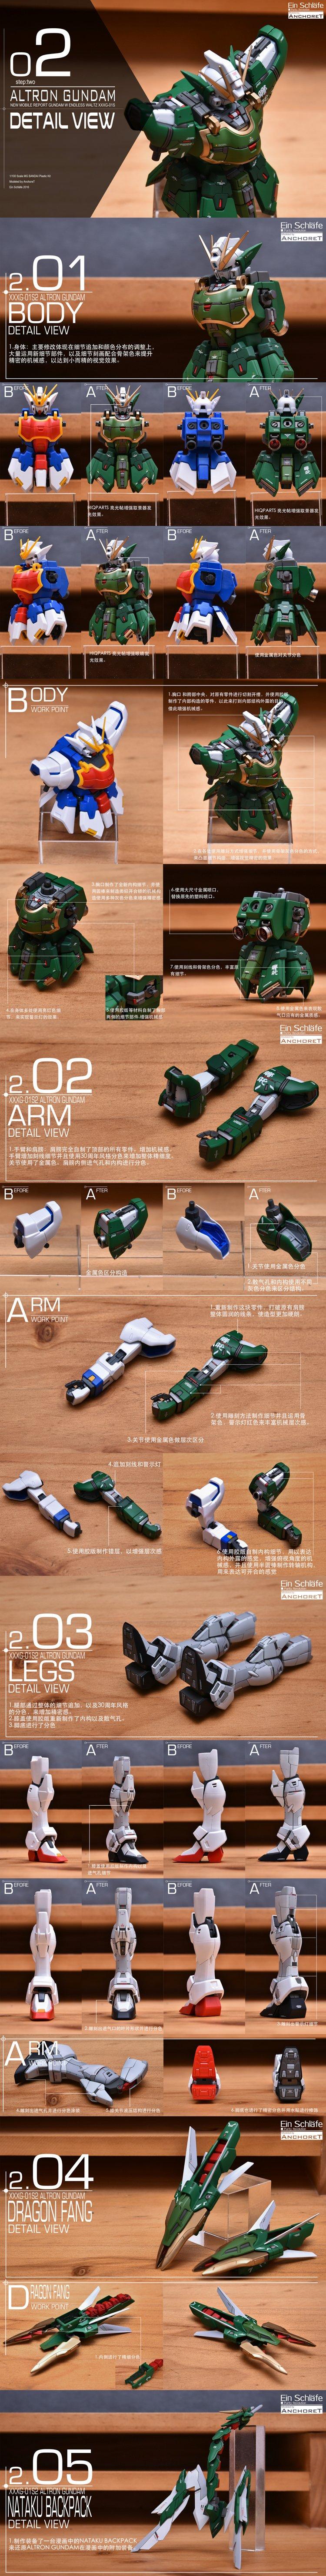 G114_shenglong_info014.jpg